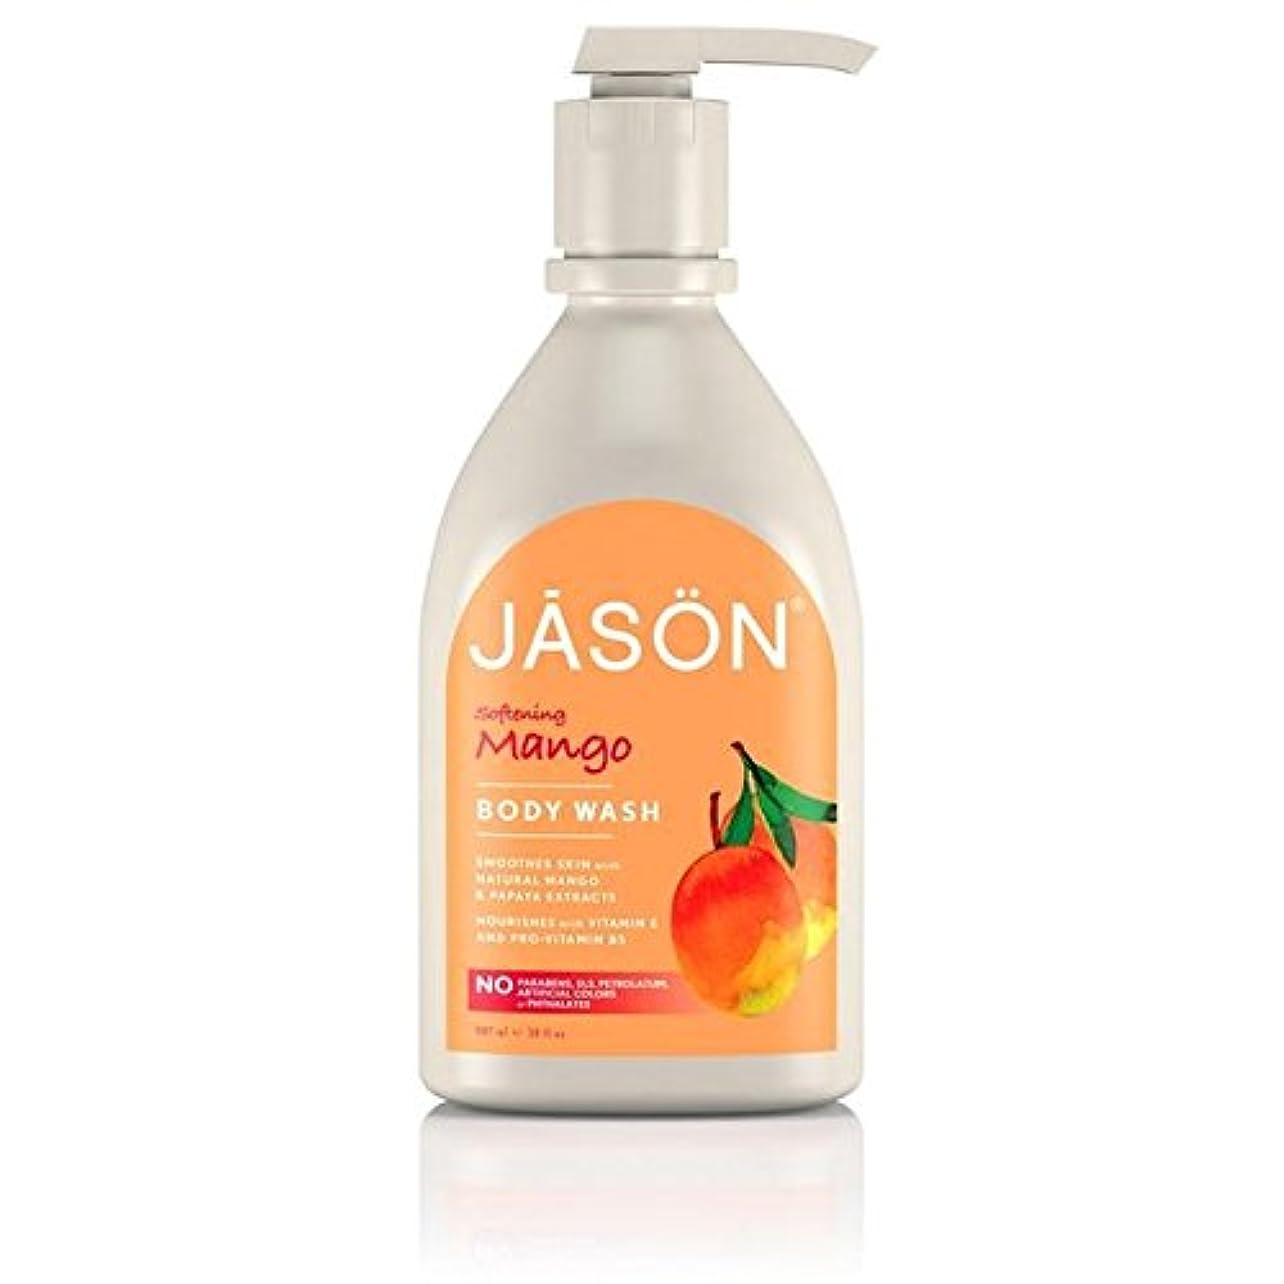 賞カイウス白内障Jason Mango Satin Body Wash Pump 900ml (Pack of 6) - ジェイソン?マンゴーサテンボディウォッシュポンプ900ミリリットル x6 [並行輸入品]